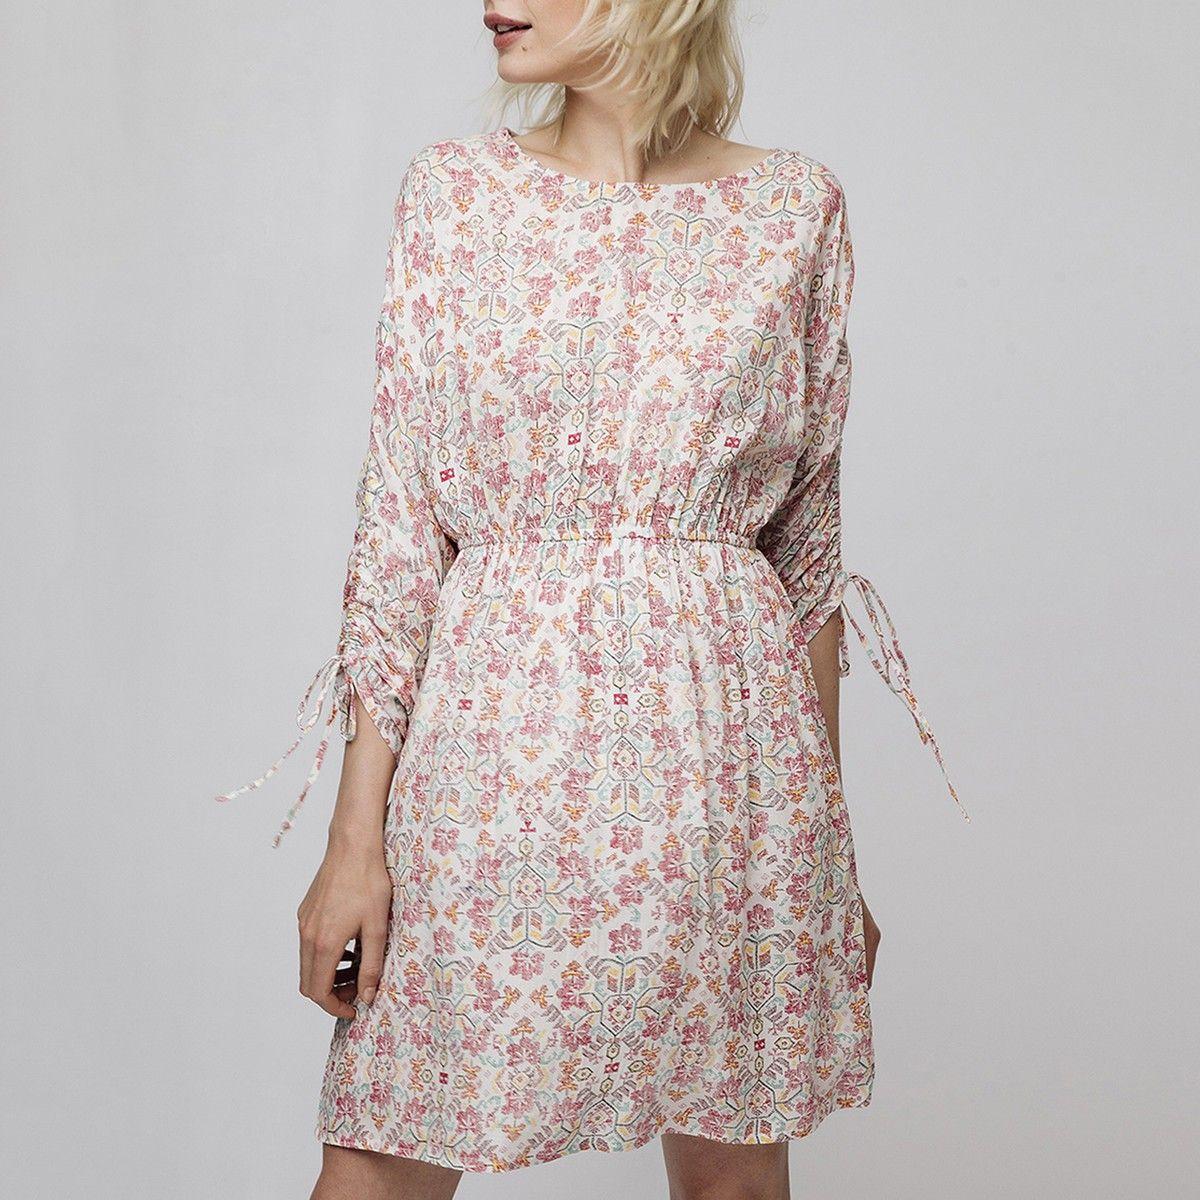 Kurzes Bedrucktes Kleid 3 4 Armel Kleider Modestil Kleid Mit Armel